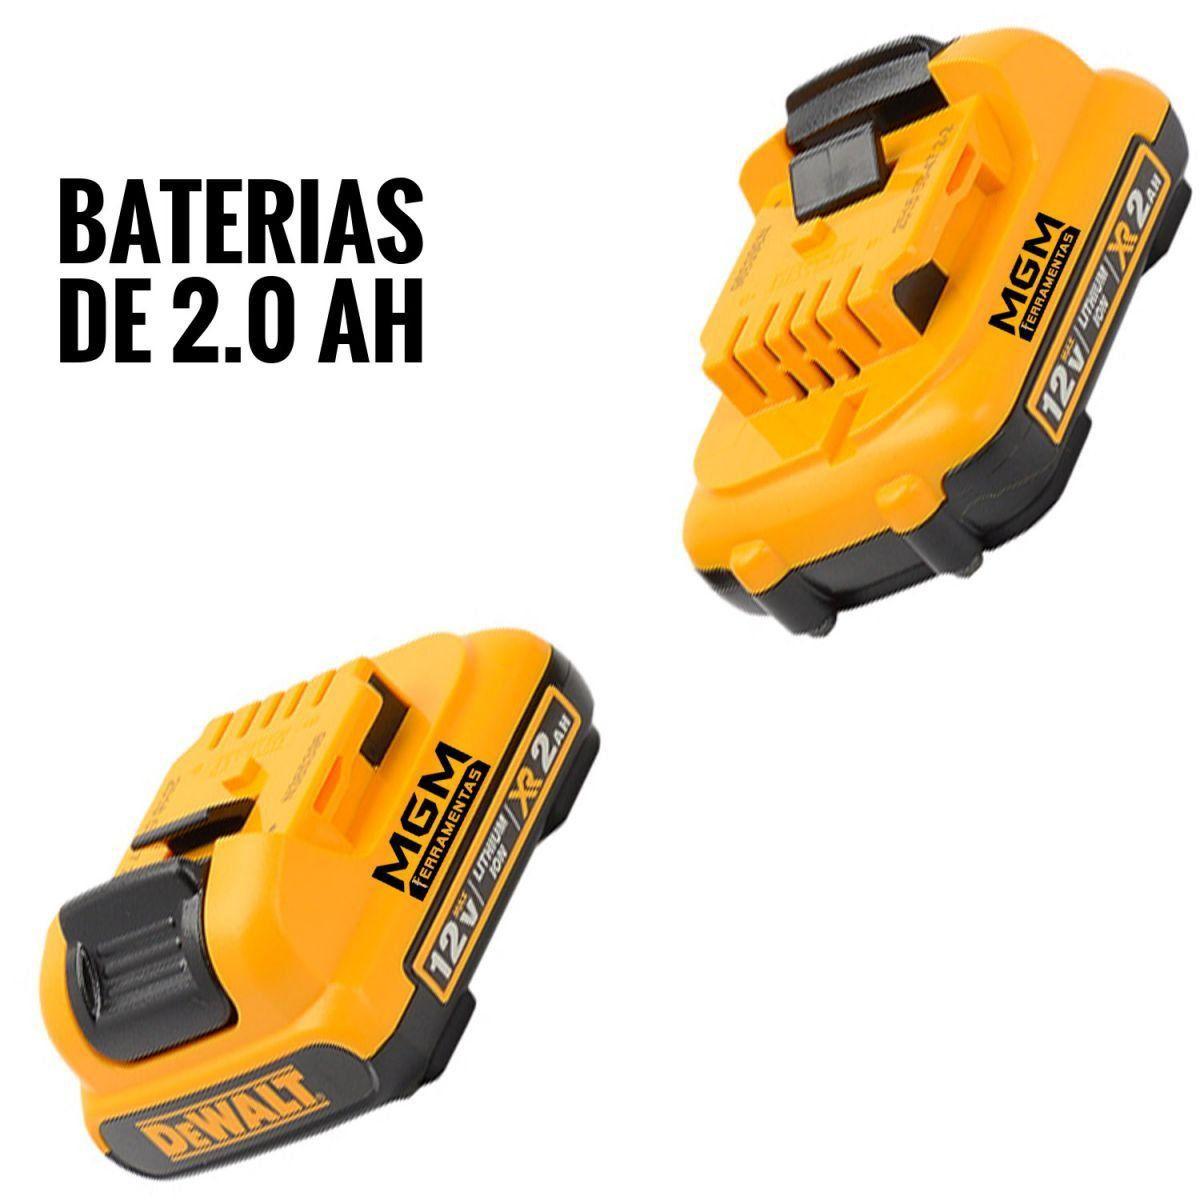 PARAFUSADEIRA E FURADEIRA 3/8 À BATERIA DE 12 V DEWALT DCD710D2